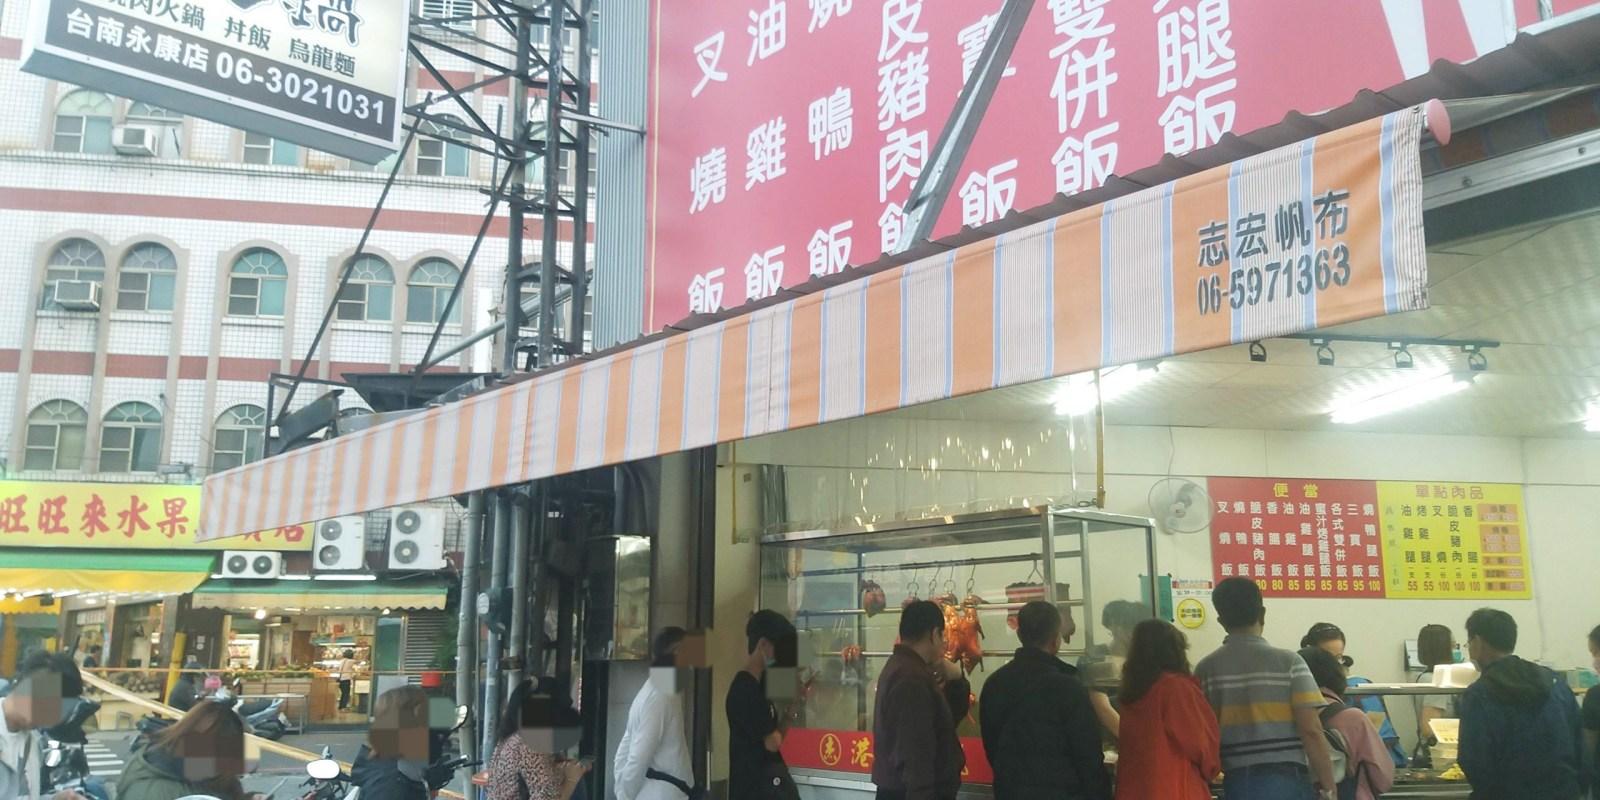 台南 永康區 中華路 杰港式燒臘|人氣排隊名店|三寶叉燒脆皮豬肉